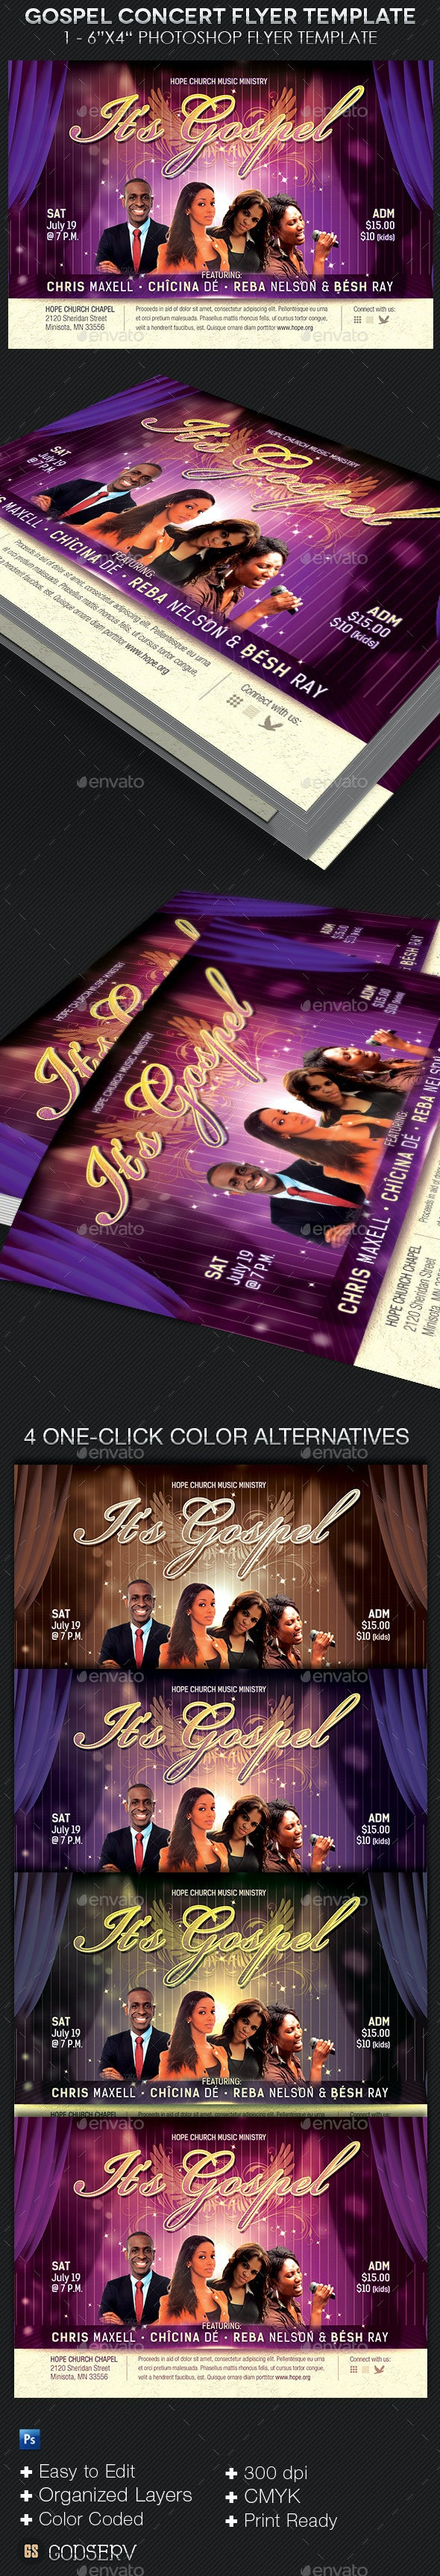 Gospel Concert Church Flyer Template - Church Flyers